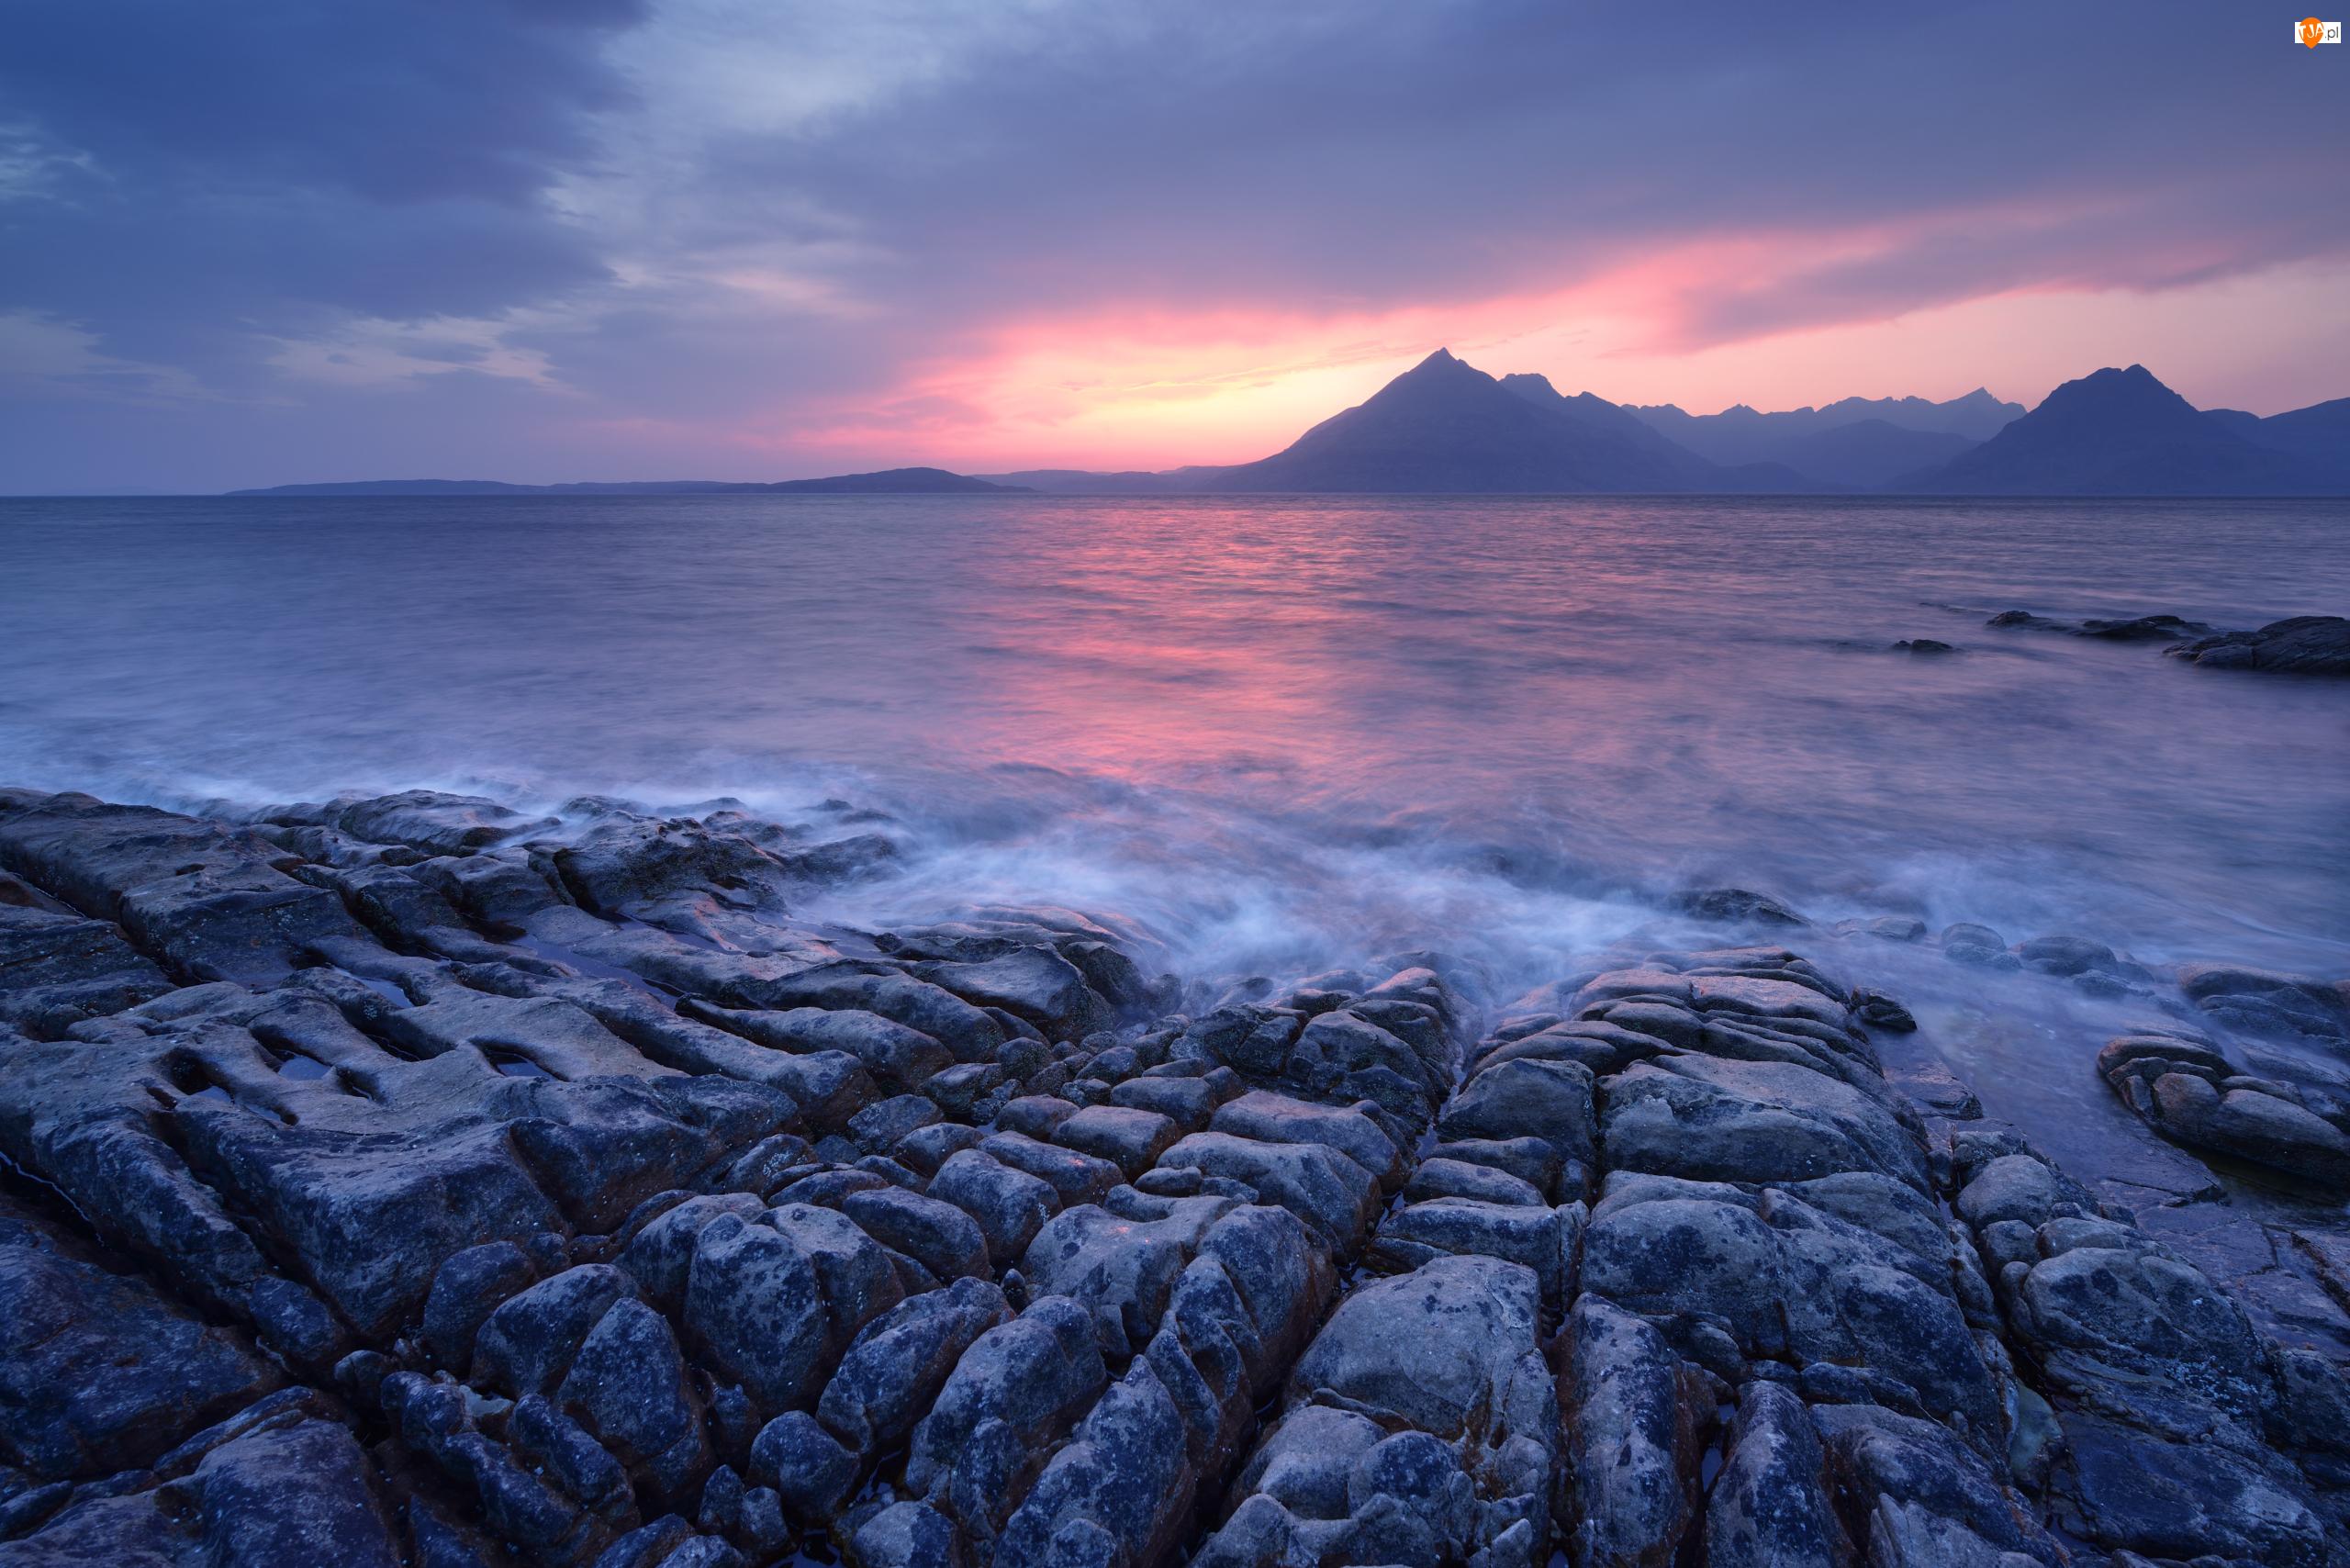 Skały, Morze, Wyspa Skye, Szkocja, Zachód słońca, Wieś Elgol